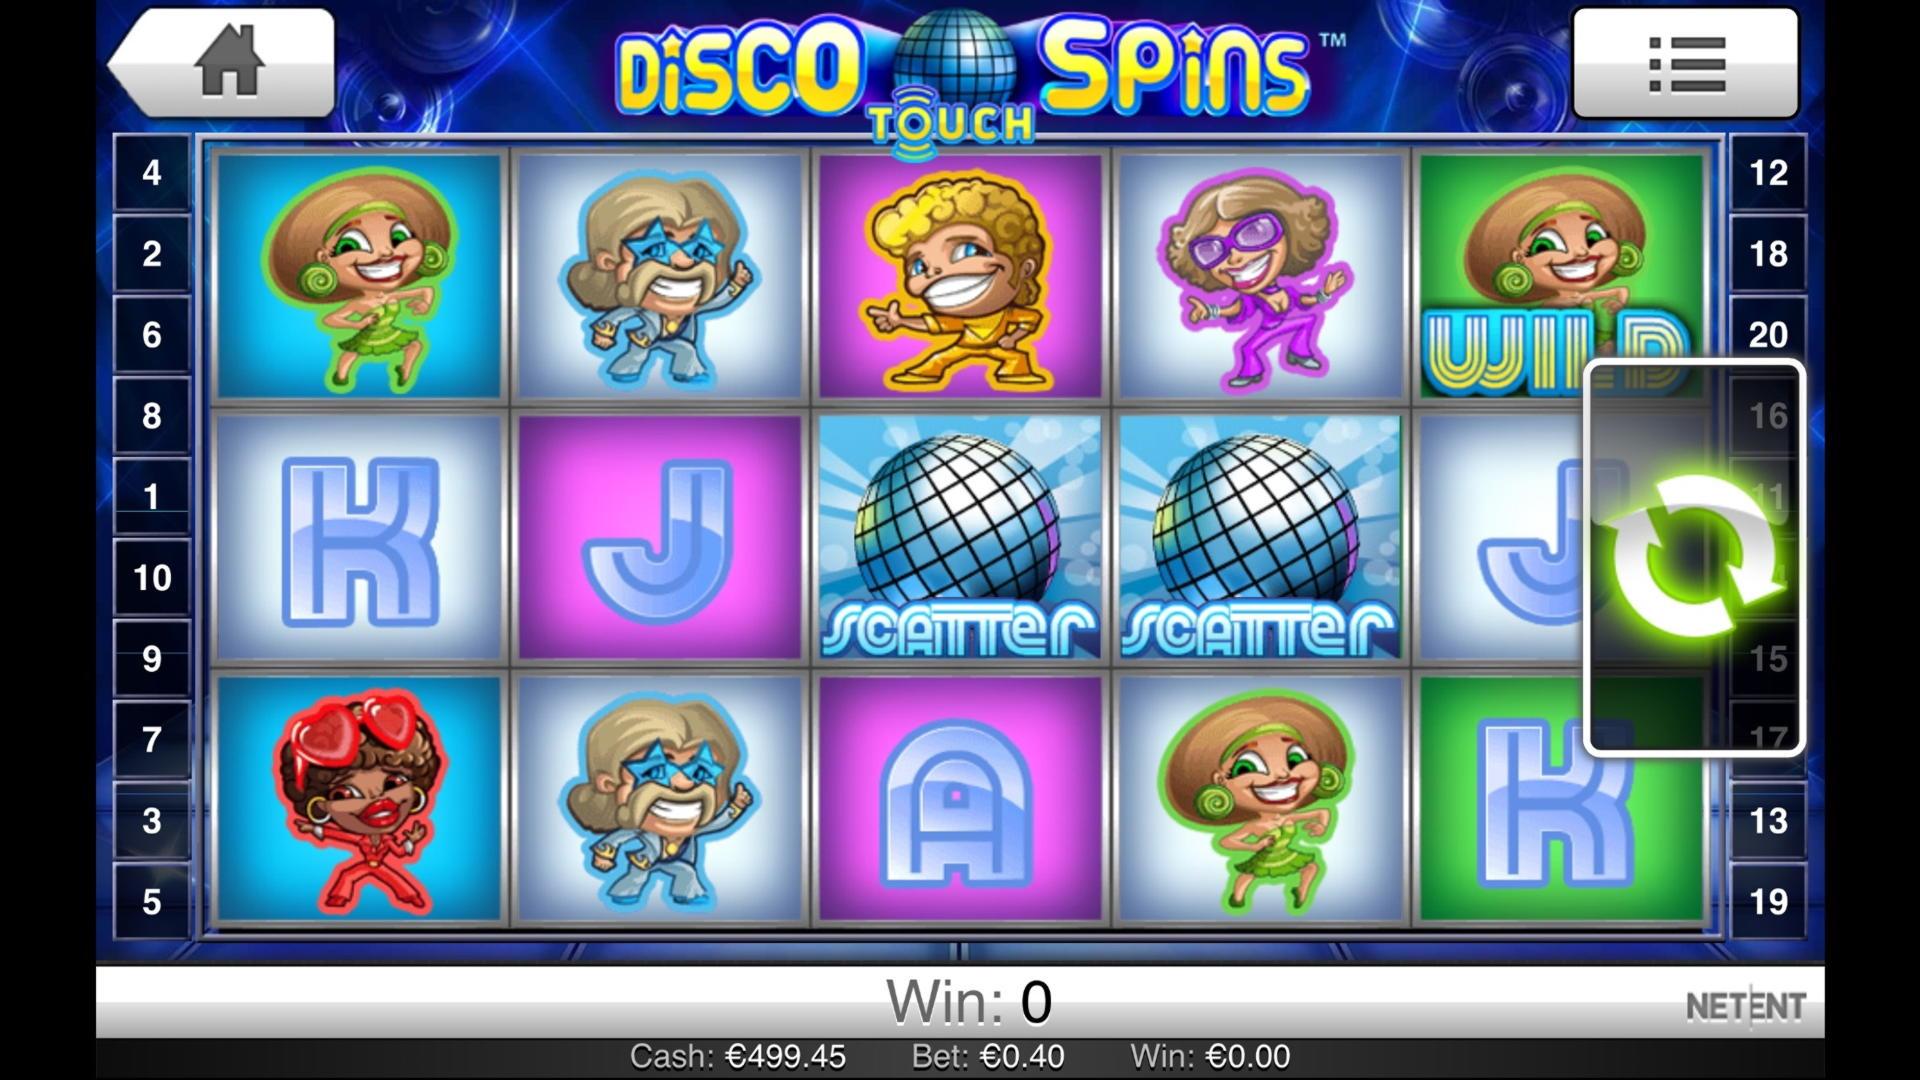 Casino.com сайтында EUR 115 депозиті жоқ